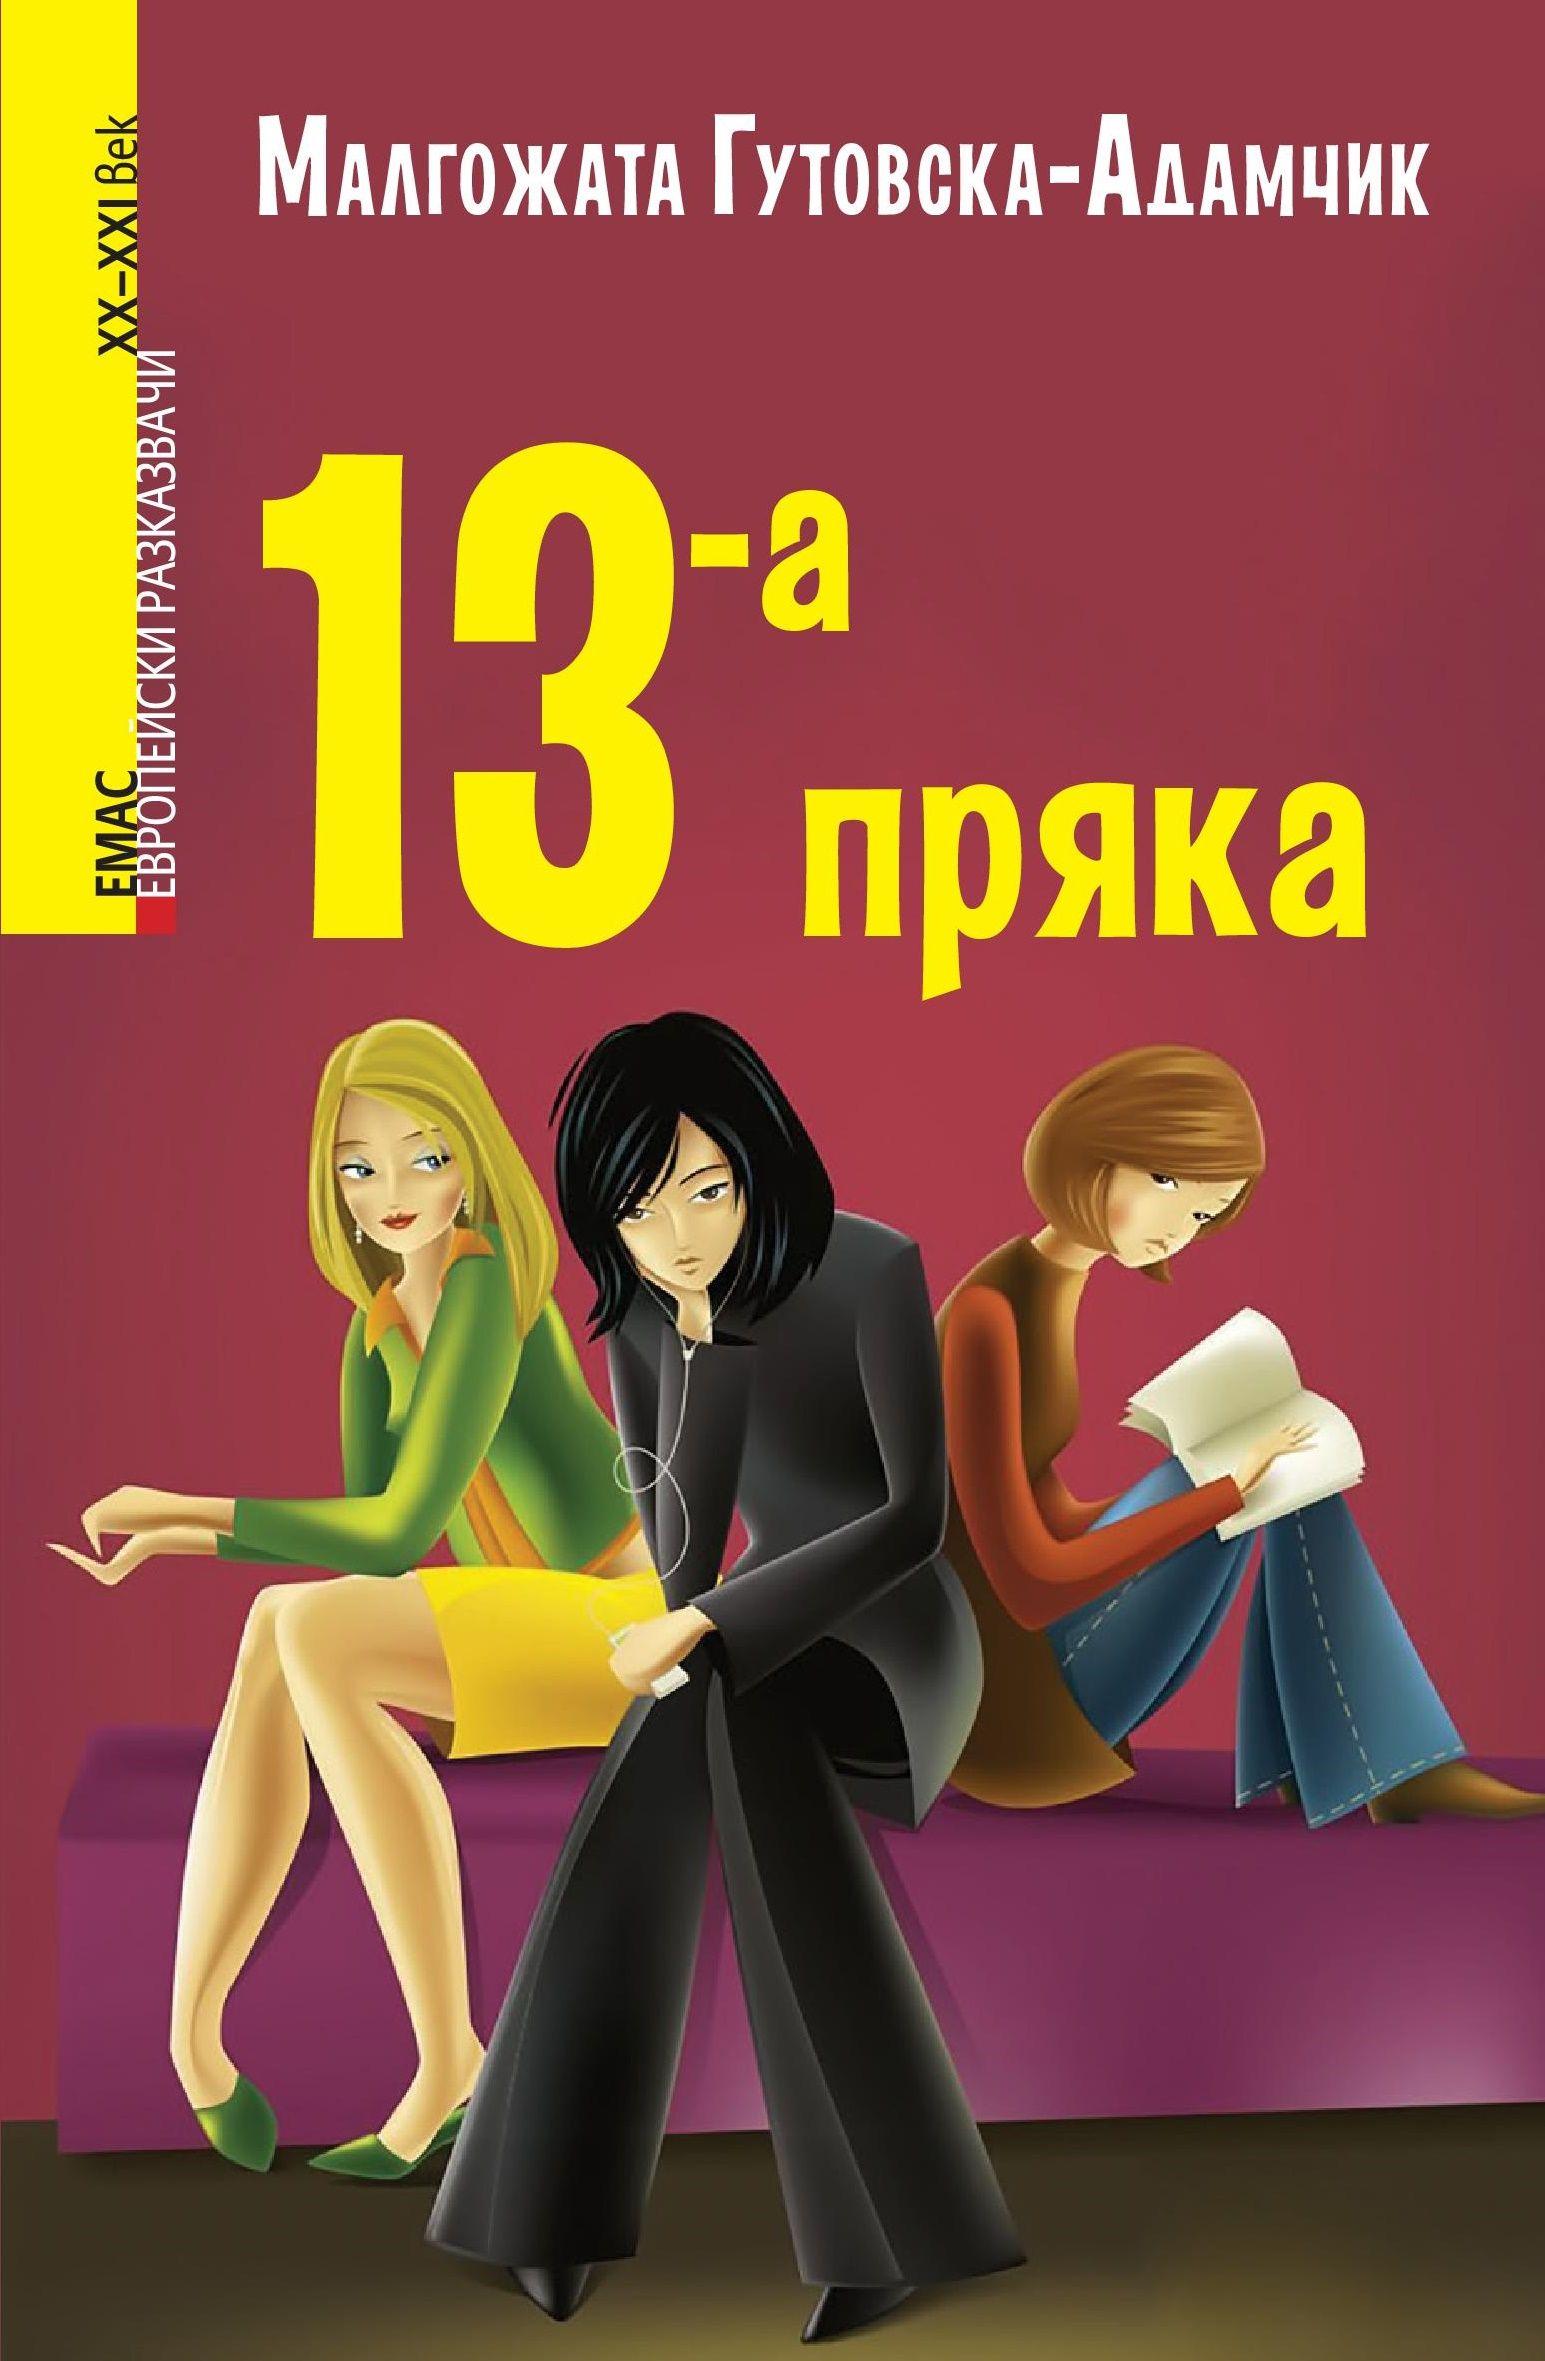 13-а пряка - 1